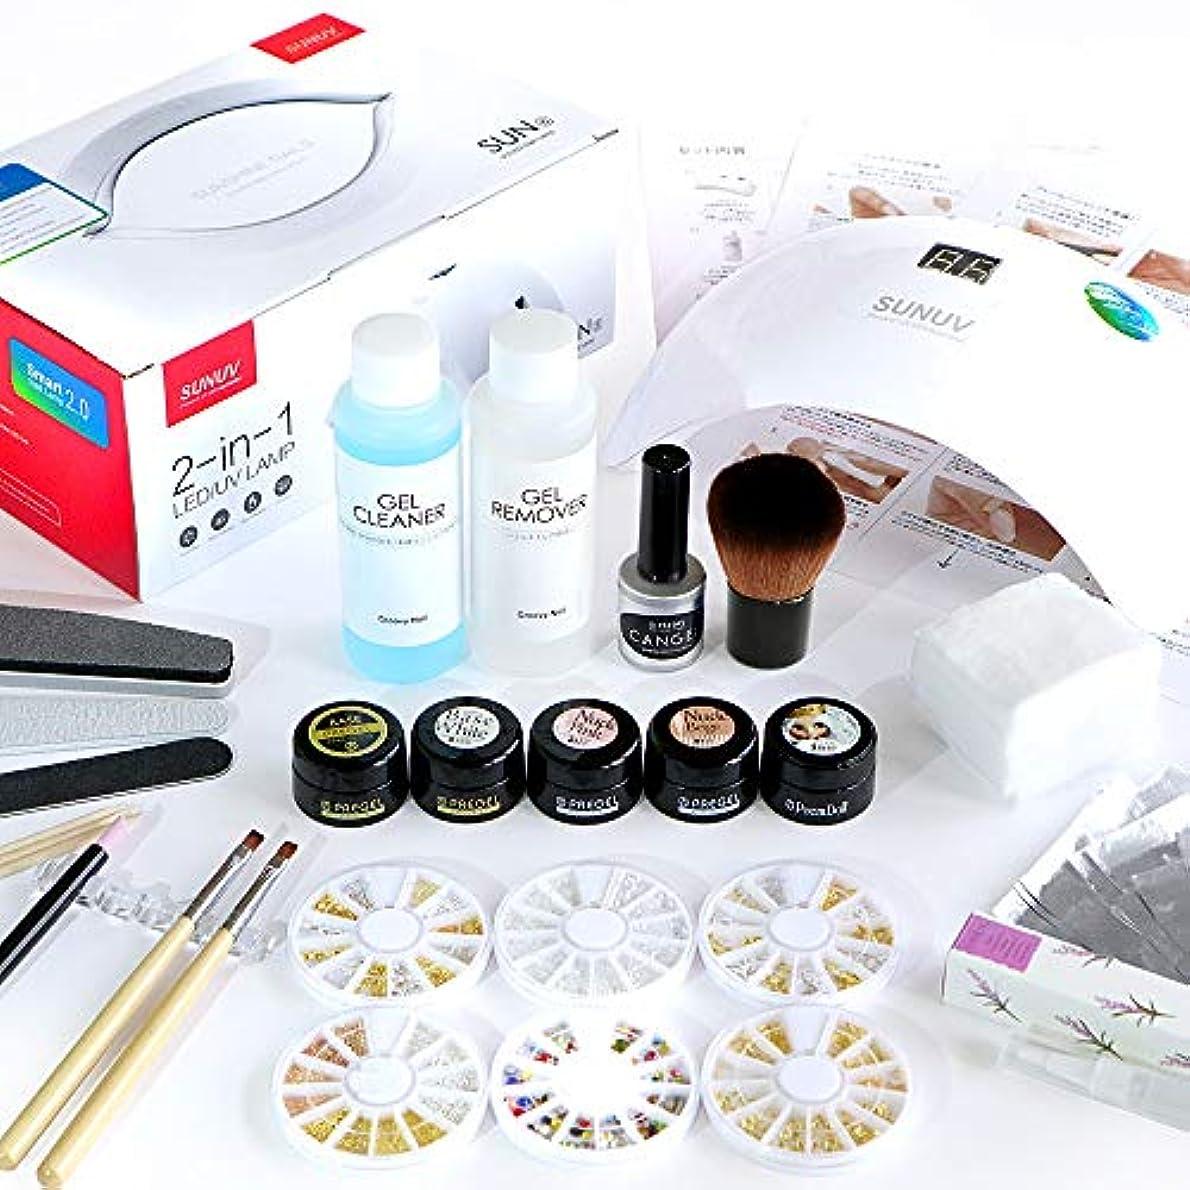 トラップぎこちない割るPREGEL プリジェル ジェルネイル スターターキット 日本製カラージェル4色+LEDライト48W ネイルアート 初心者におすすめ